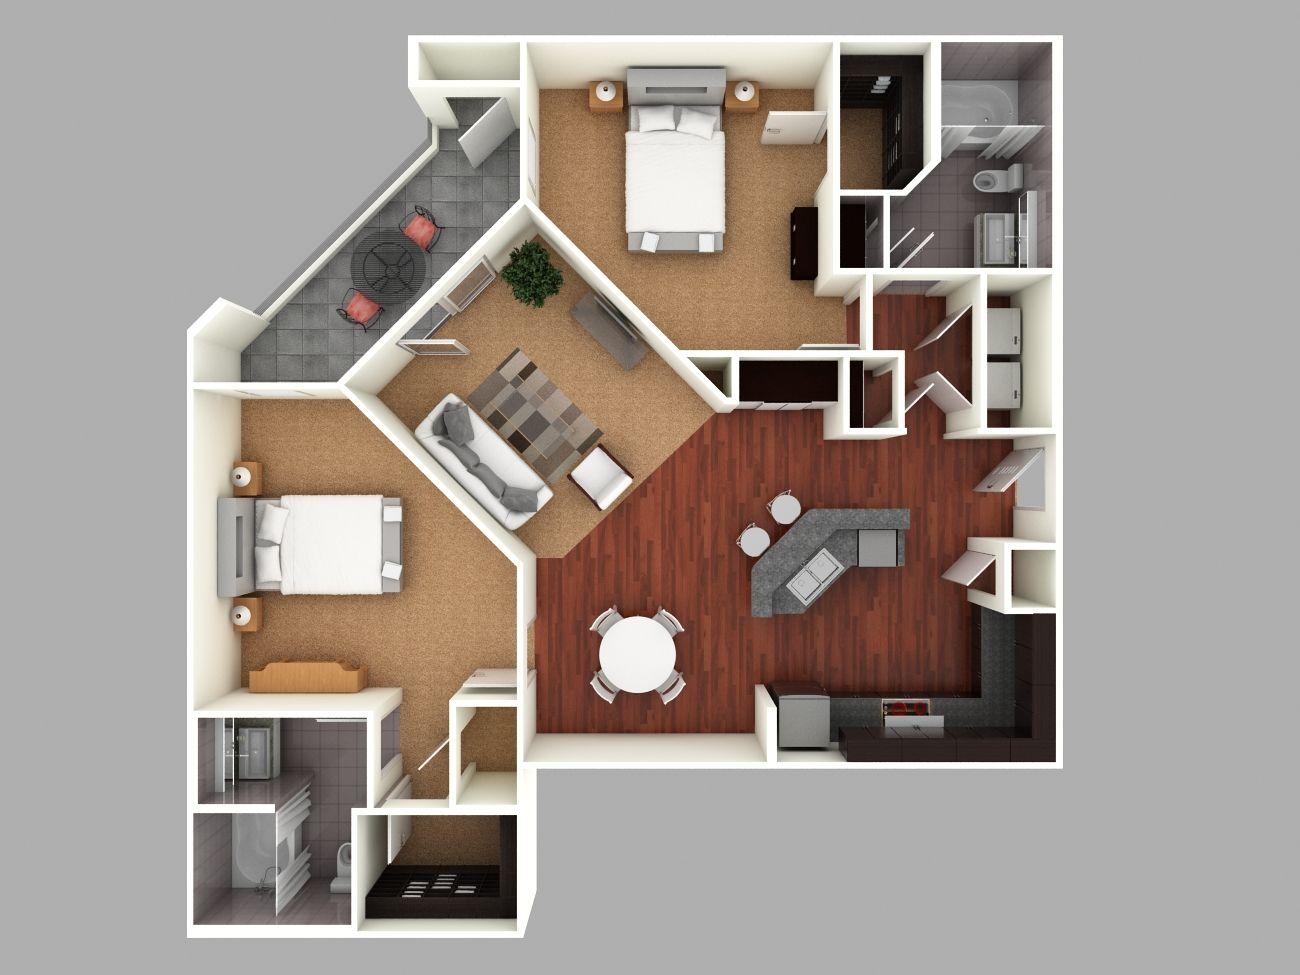 prima rata 100% calitate superioară cumpărători de vânzări 3d Colored Floor plan | House plans | Apartment layout, House ...